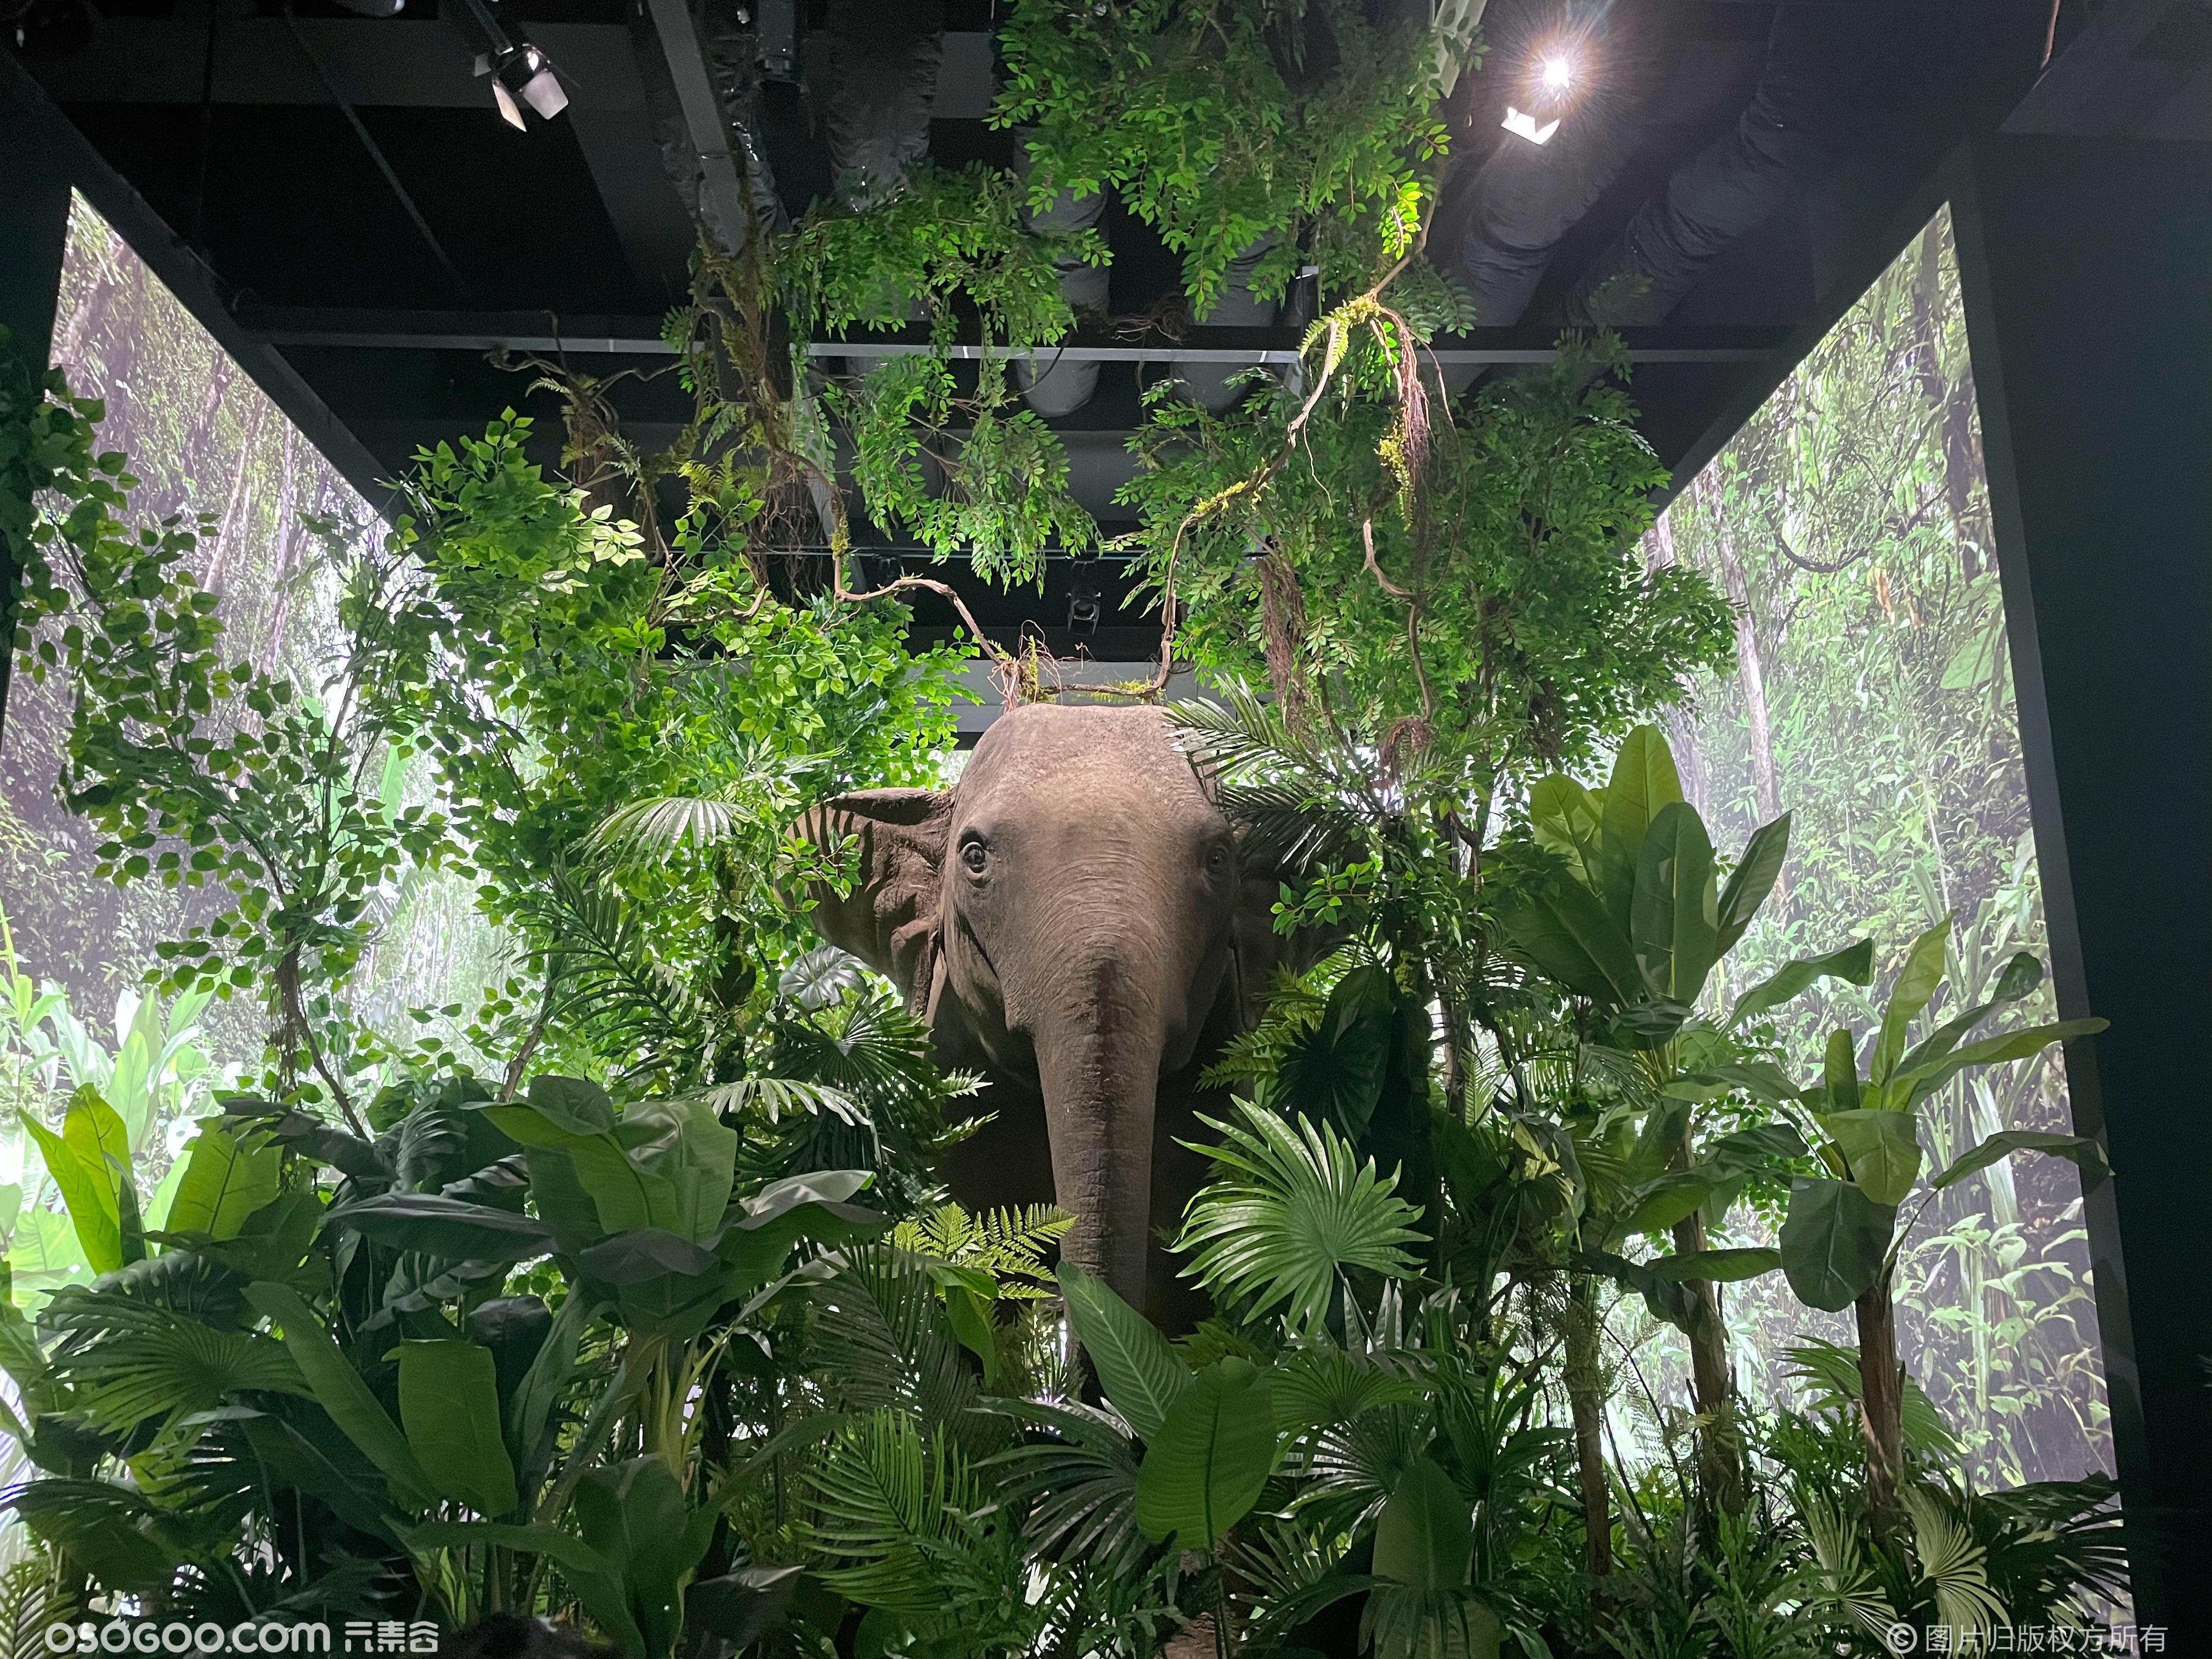 亚洲象保护公益展|沿着大象的纹路